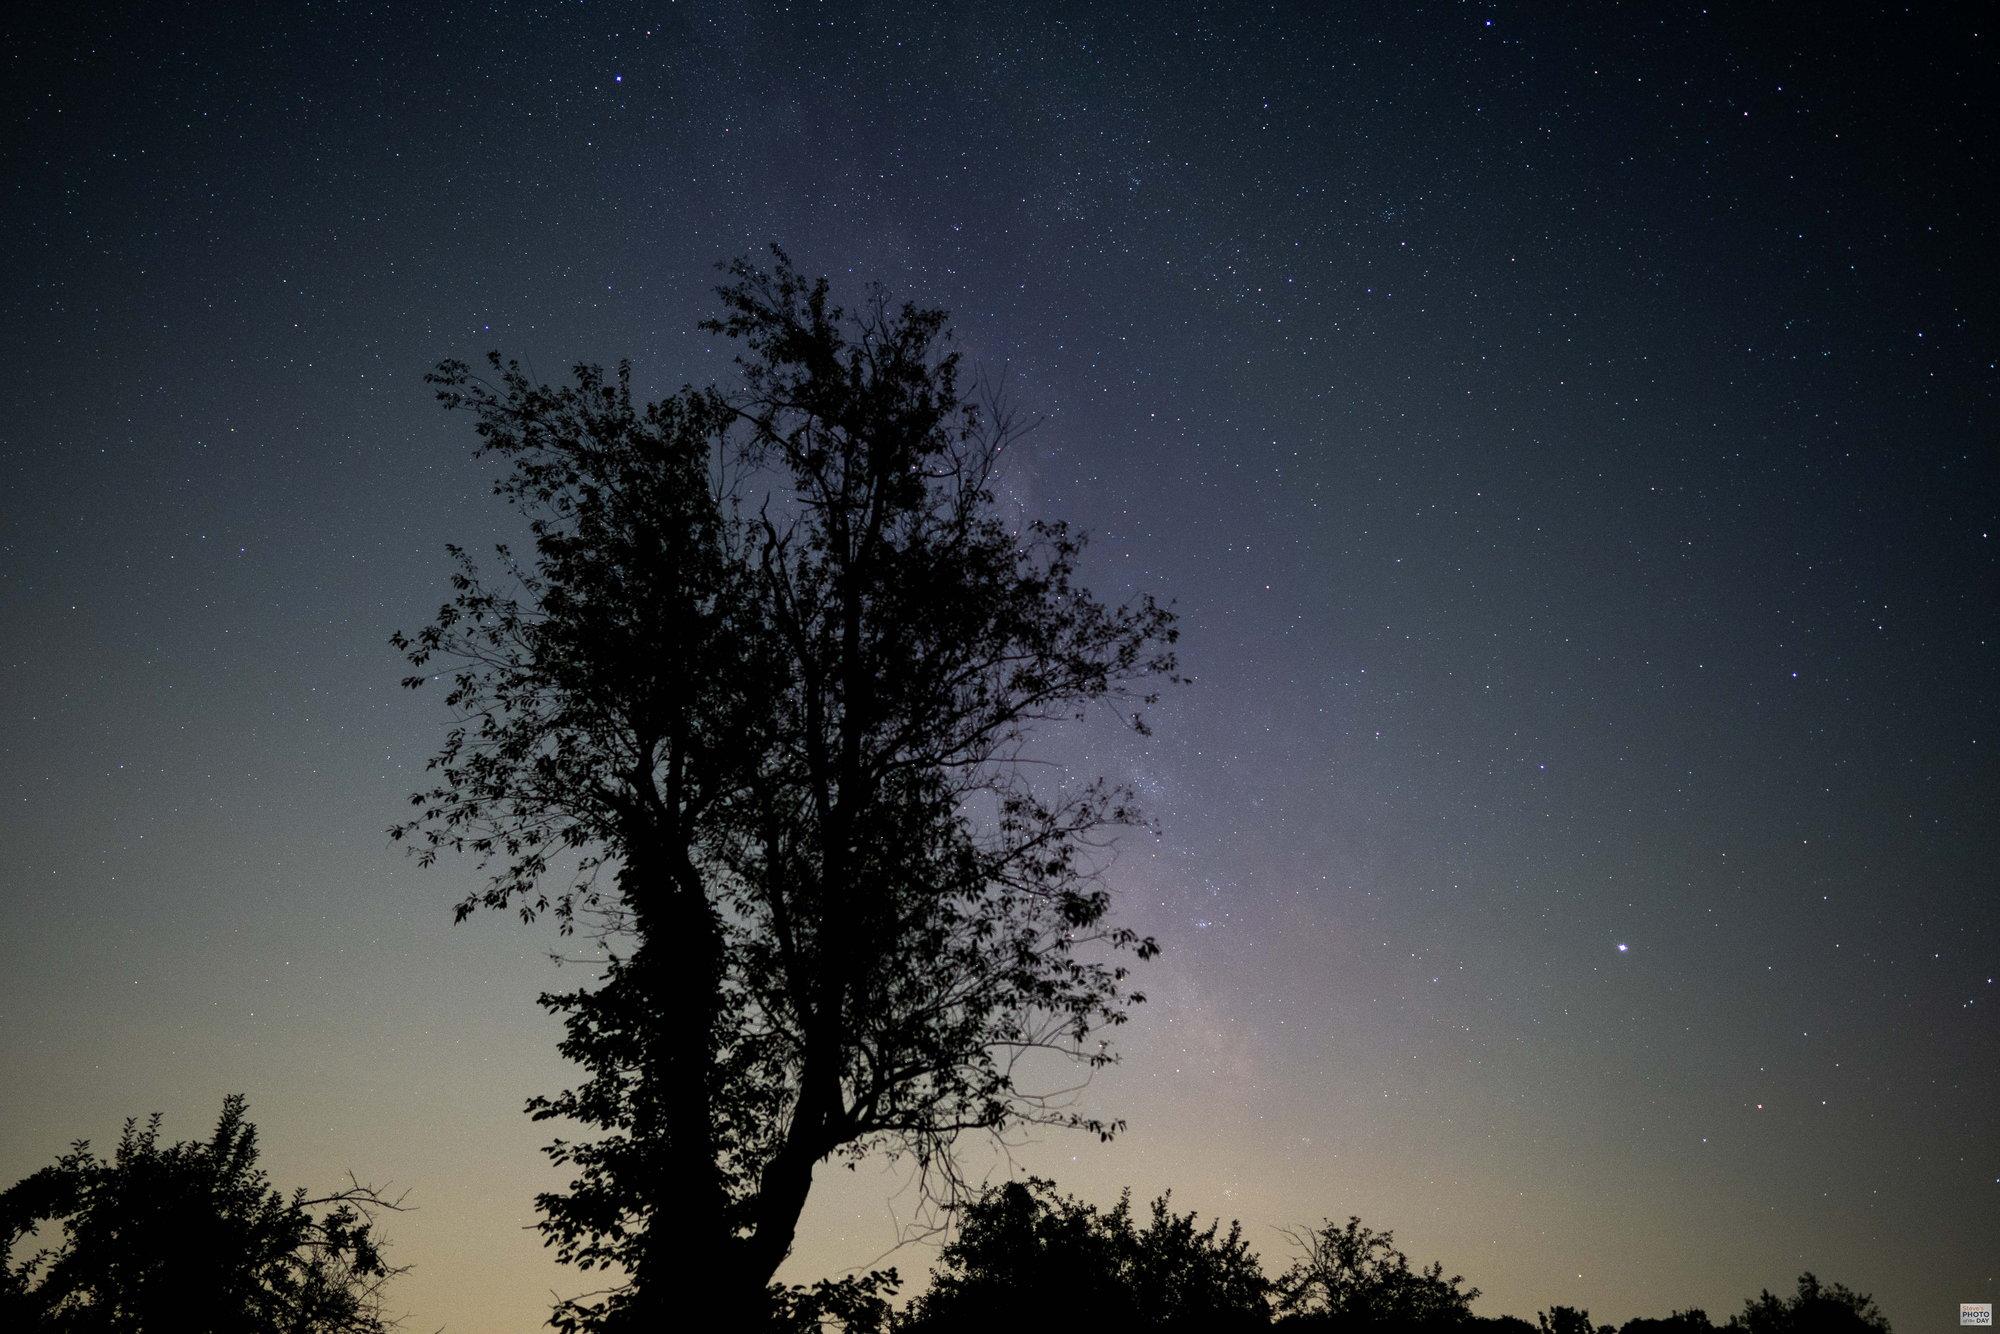 Milky Way at the Farm